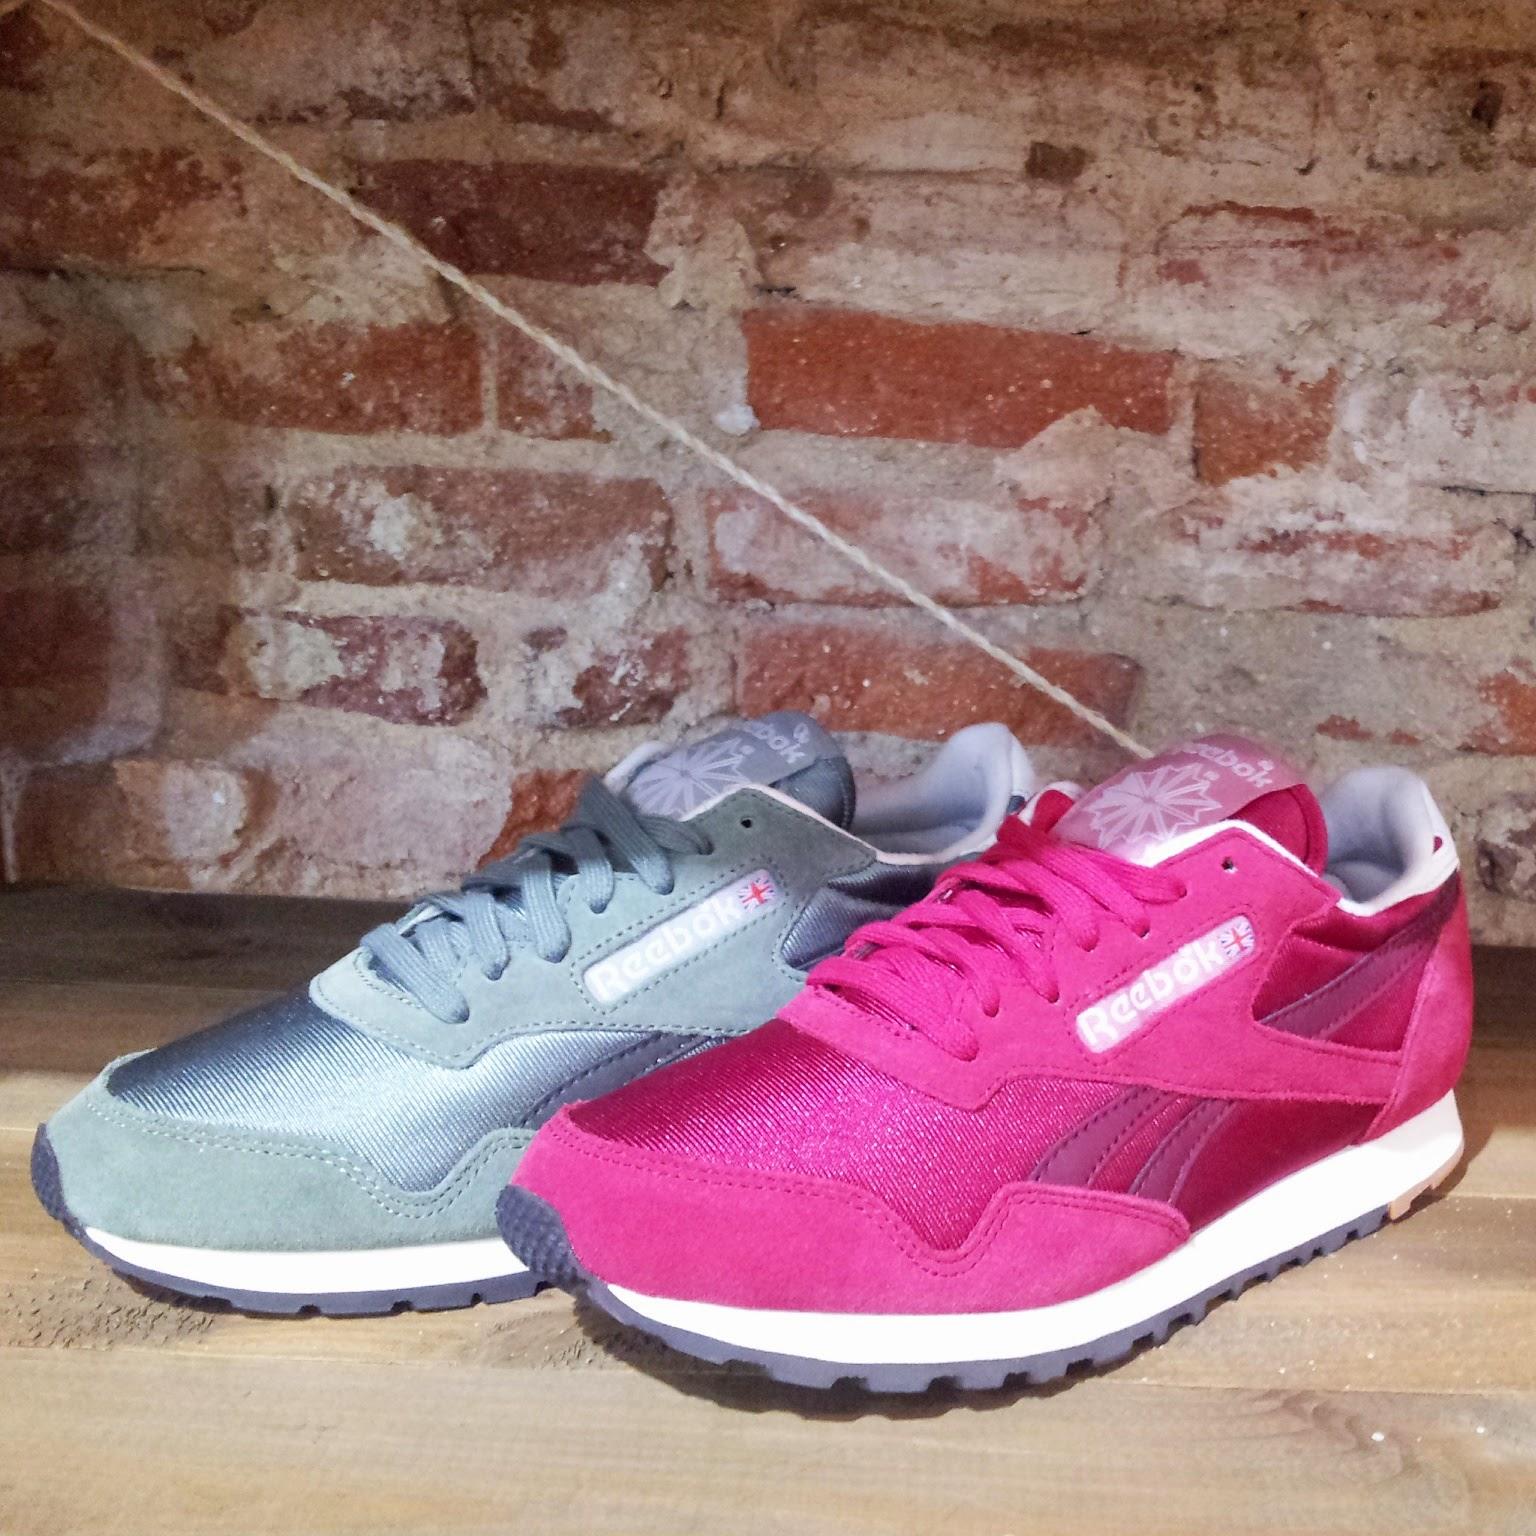 Salomon Shoes Online Australia